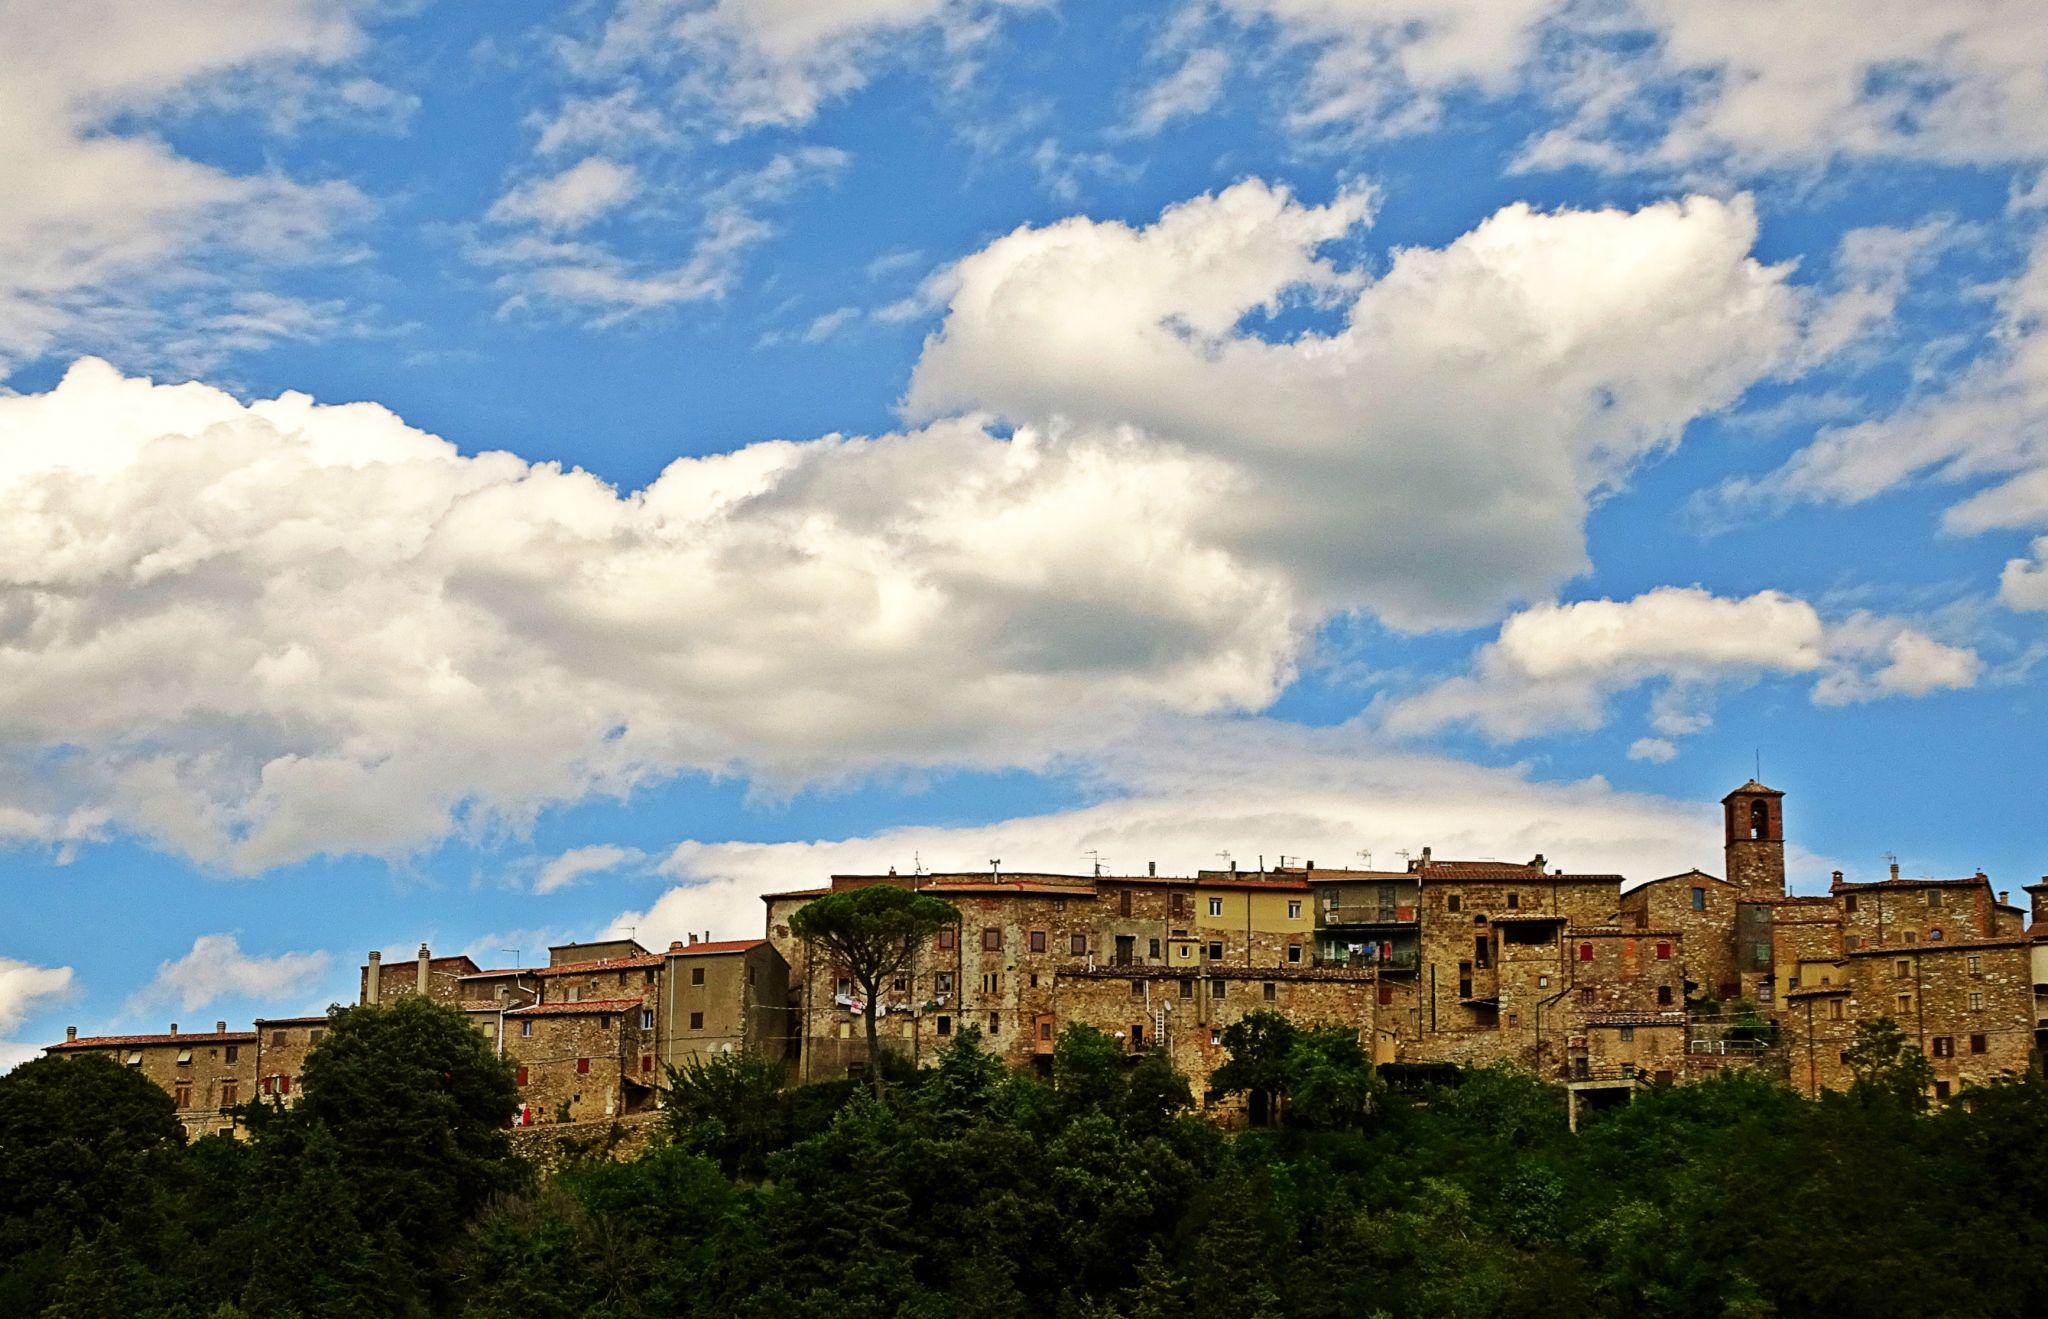 View over Sassa, Tuscany, Italy